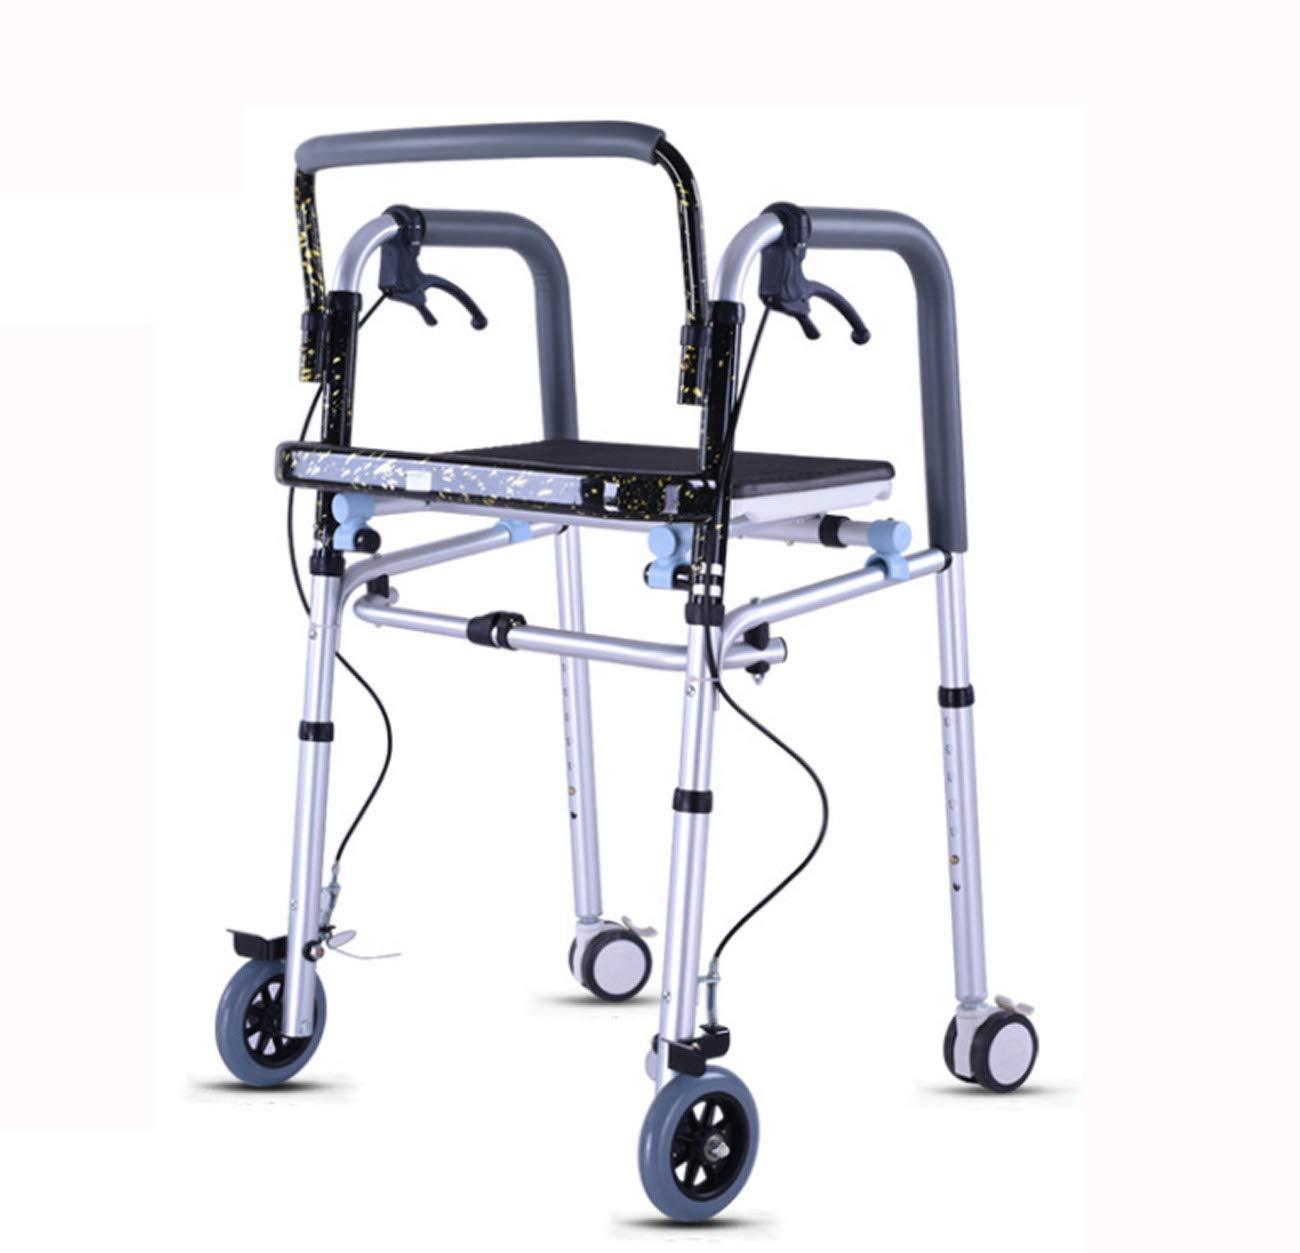 Tochange Allrad-Rollator-Gehhilfe, Klapprahmen mit Gepolstertem Sitz + Abschließbare Bremsen